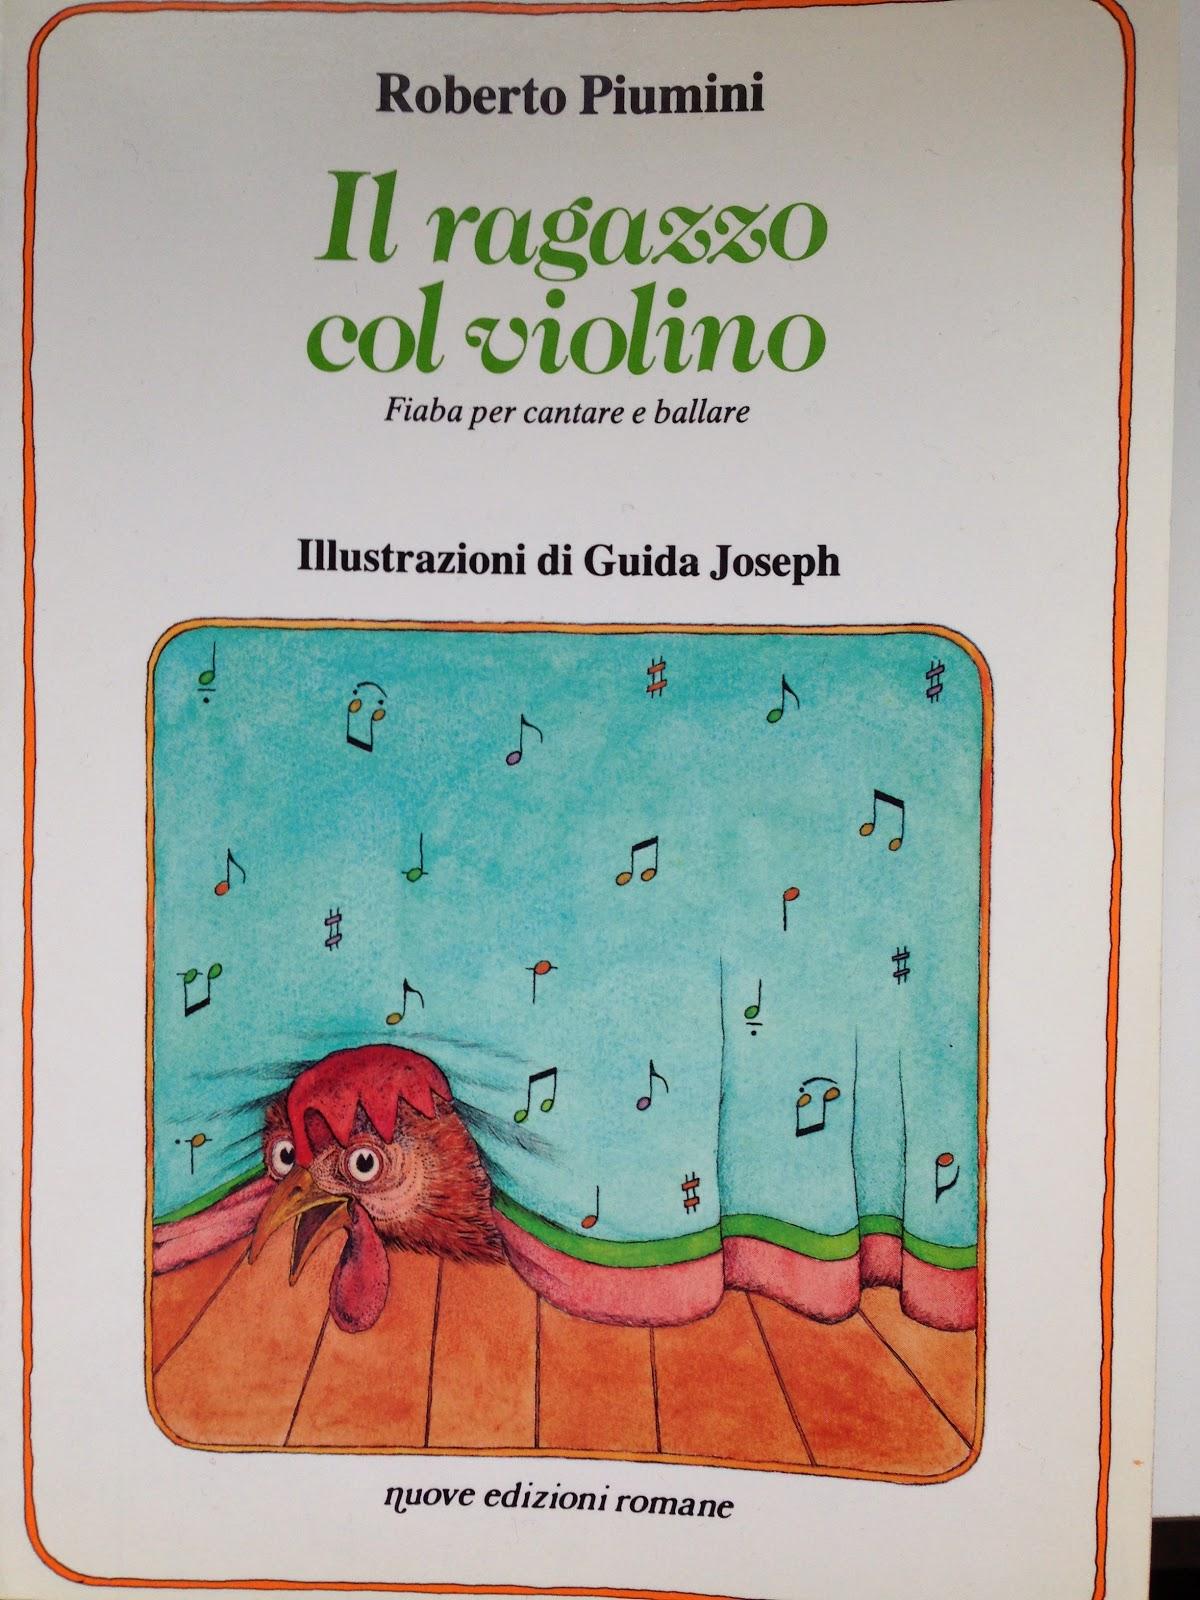 Piccoli viaggi musicali lettura musicale quot il ragazzo